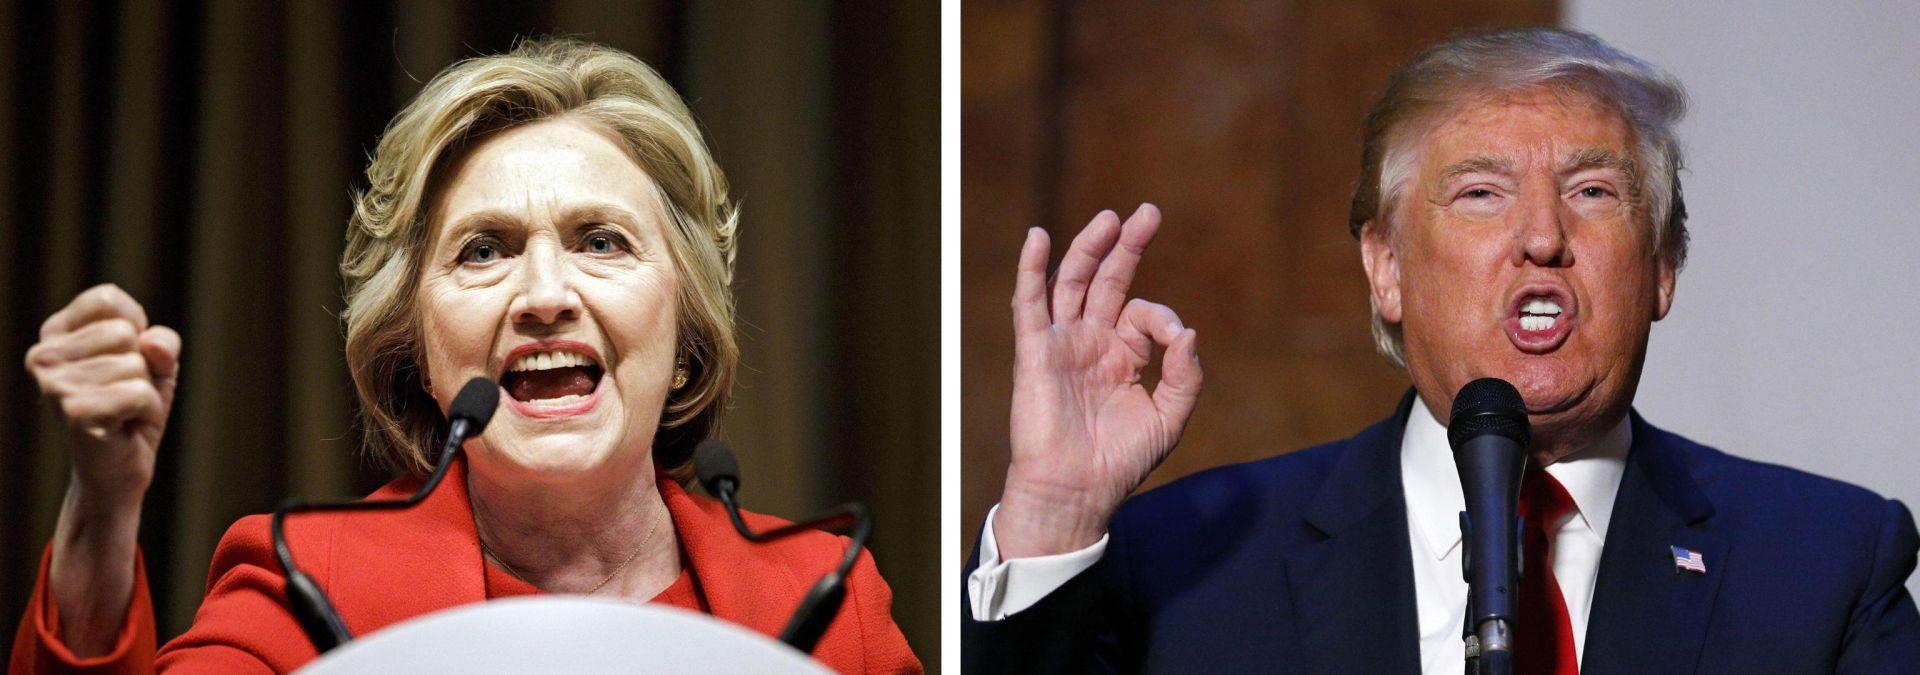 TRUMP PROTIV CLINTON Prva debata može biti ključan trenutak